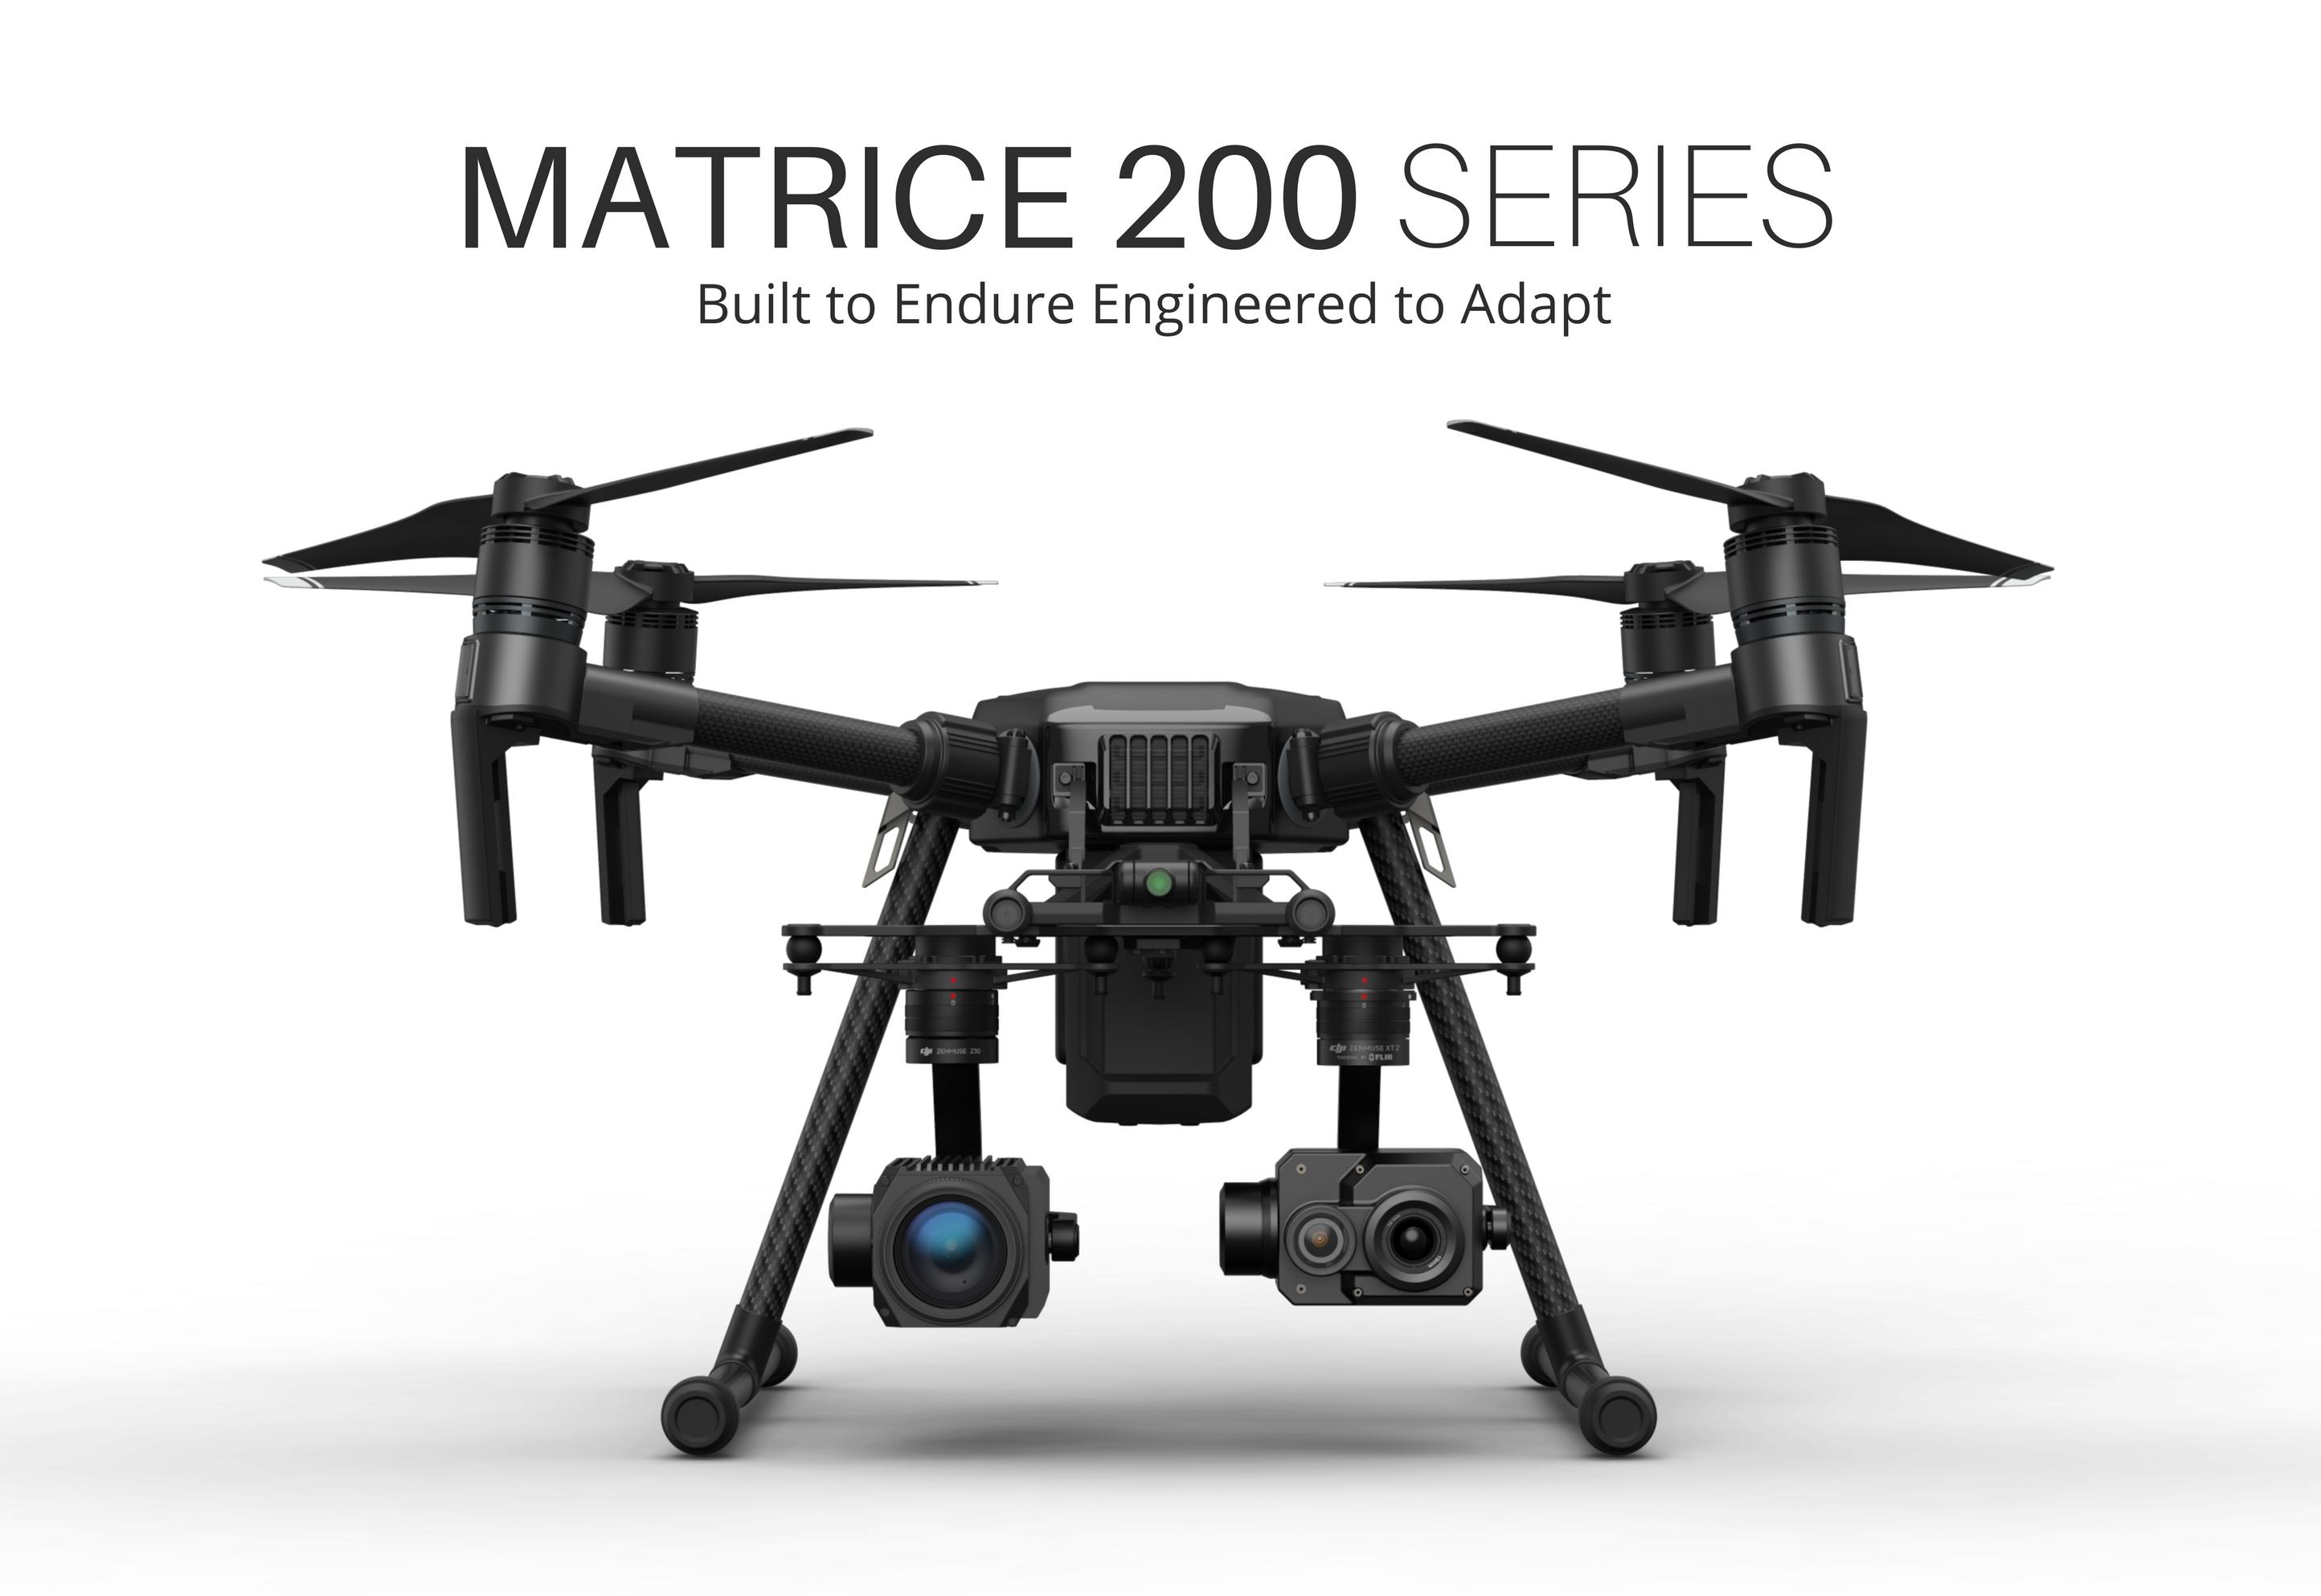 Matrice 200 series